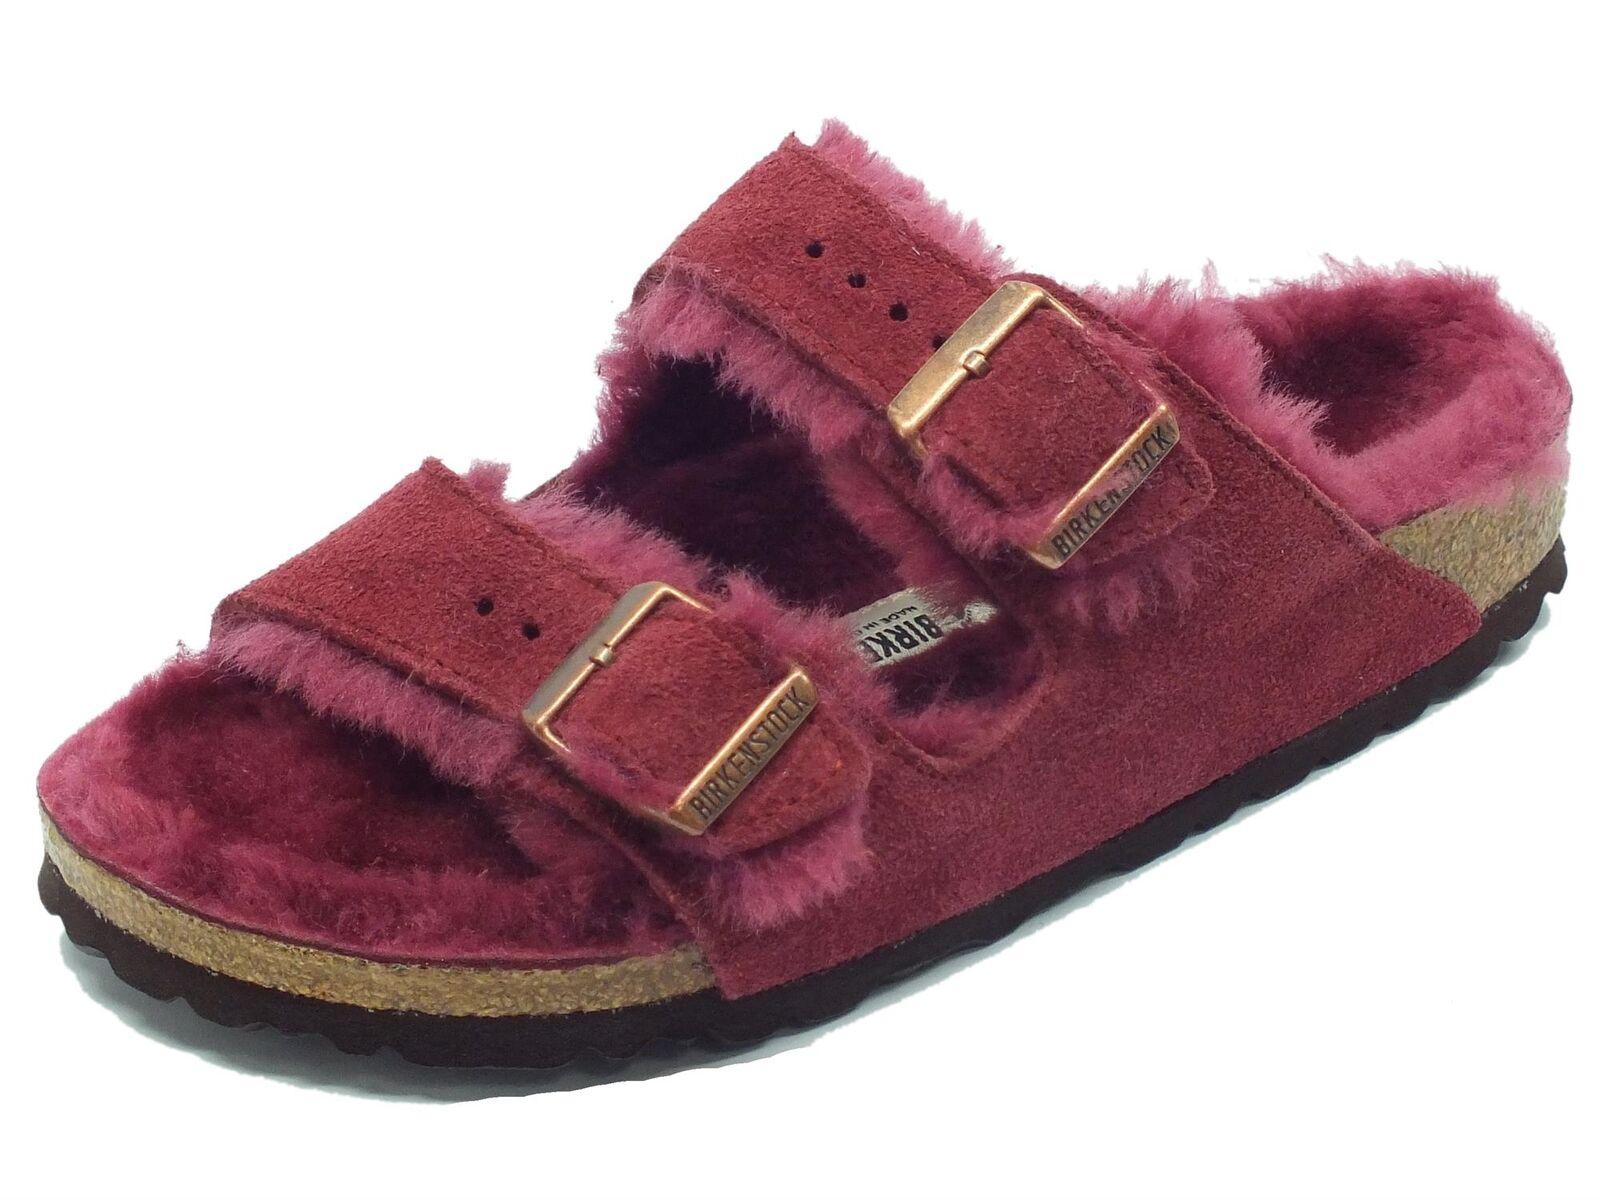 Sandali in Birkenstock Arizona Fur per donna in Sandali camoscio e montone colore bordeaux 8cb942